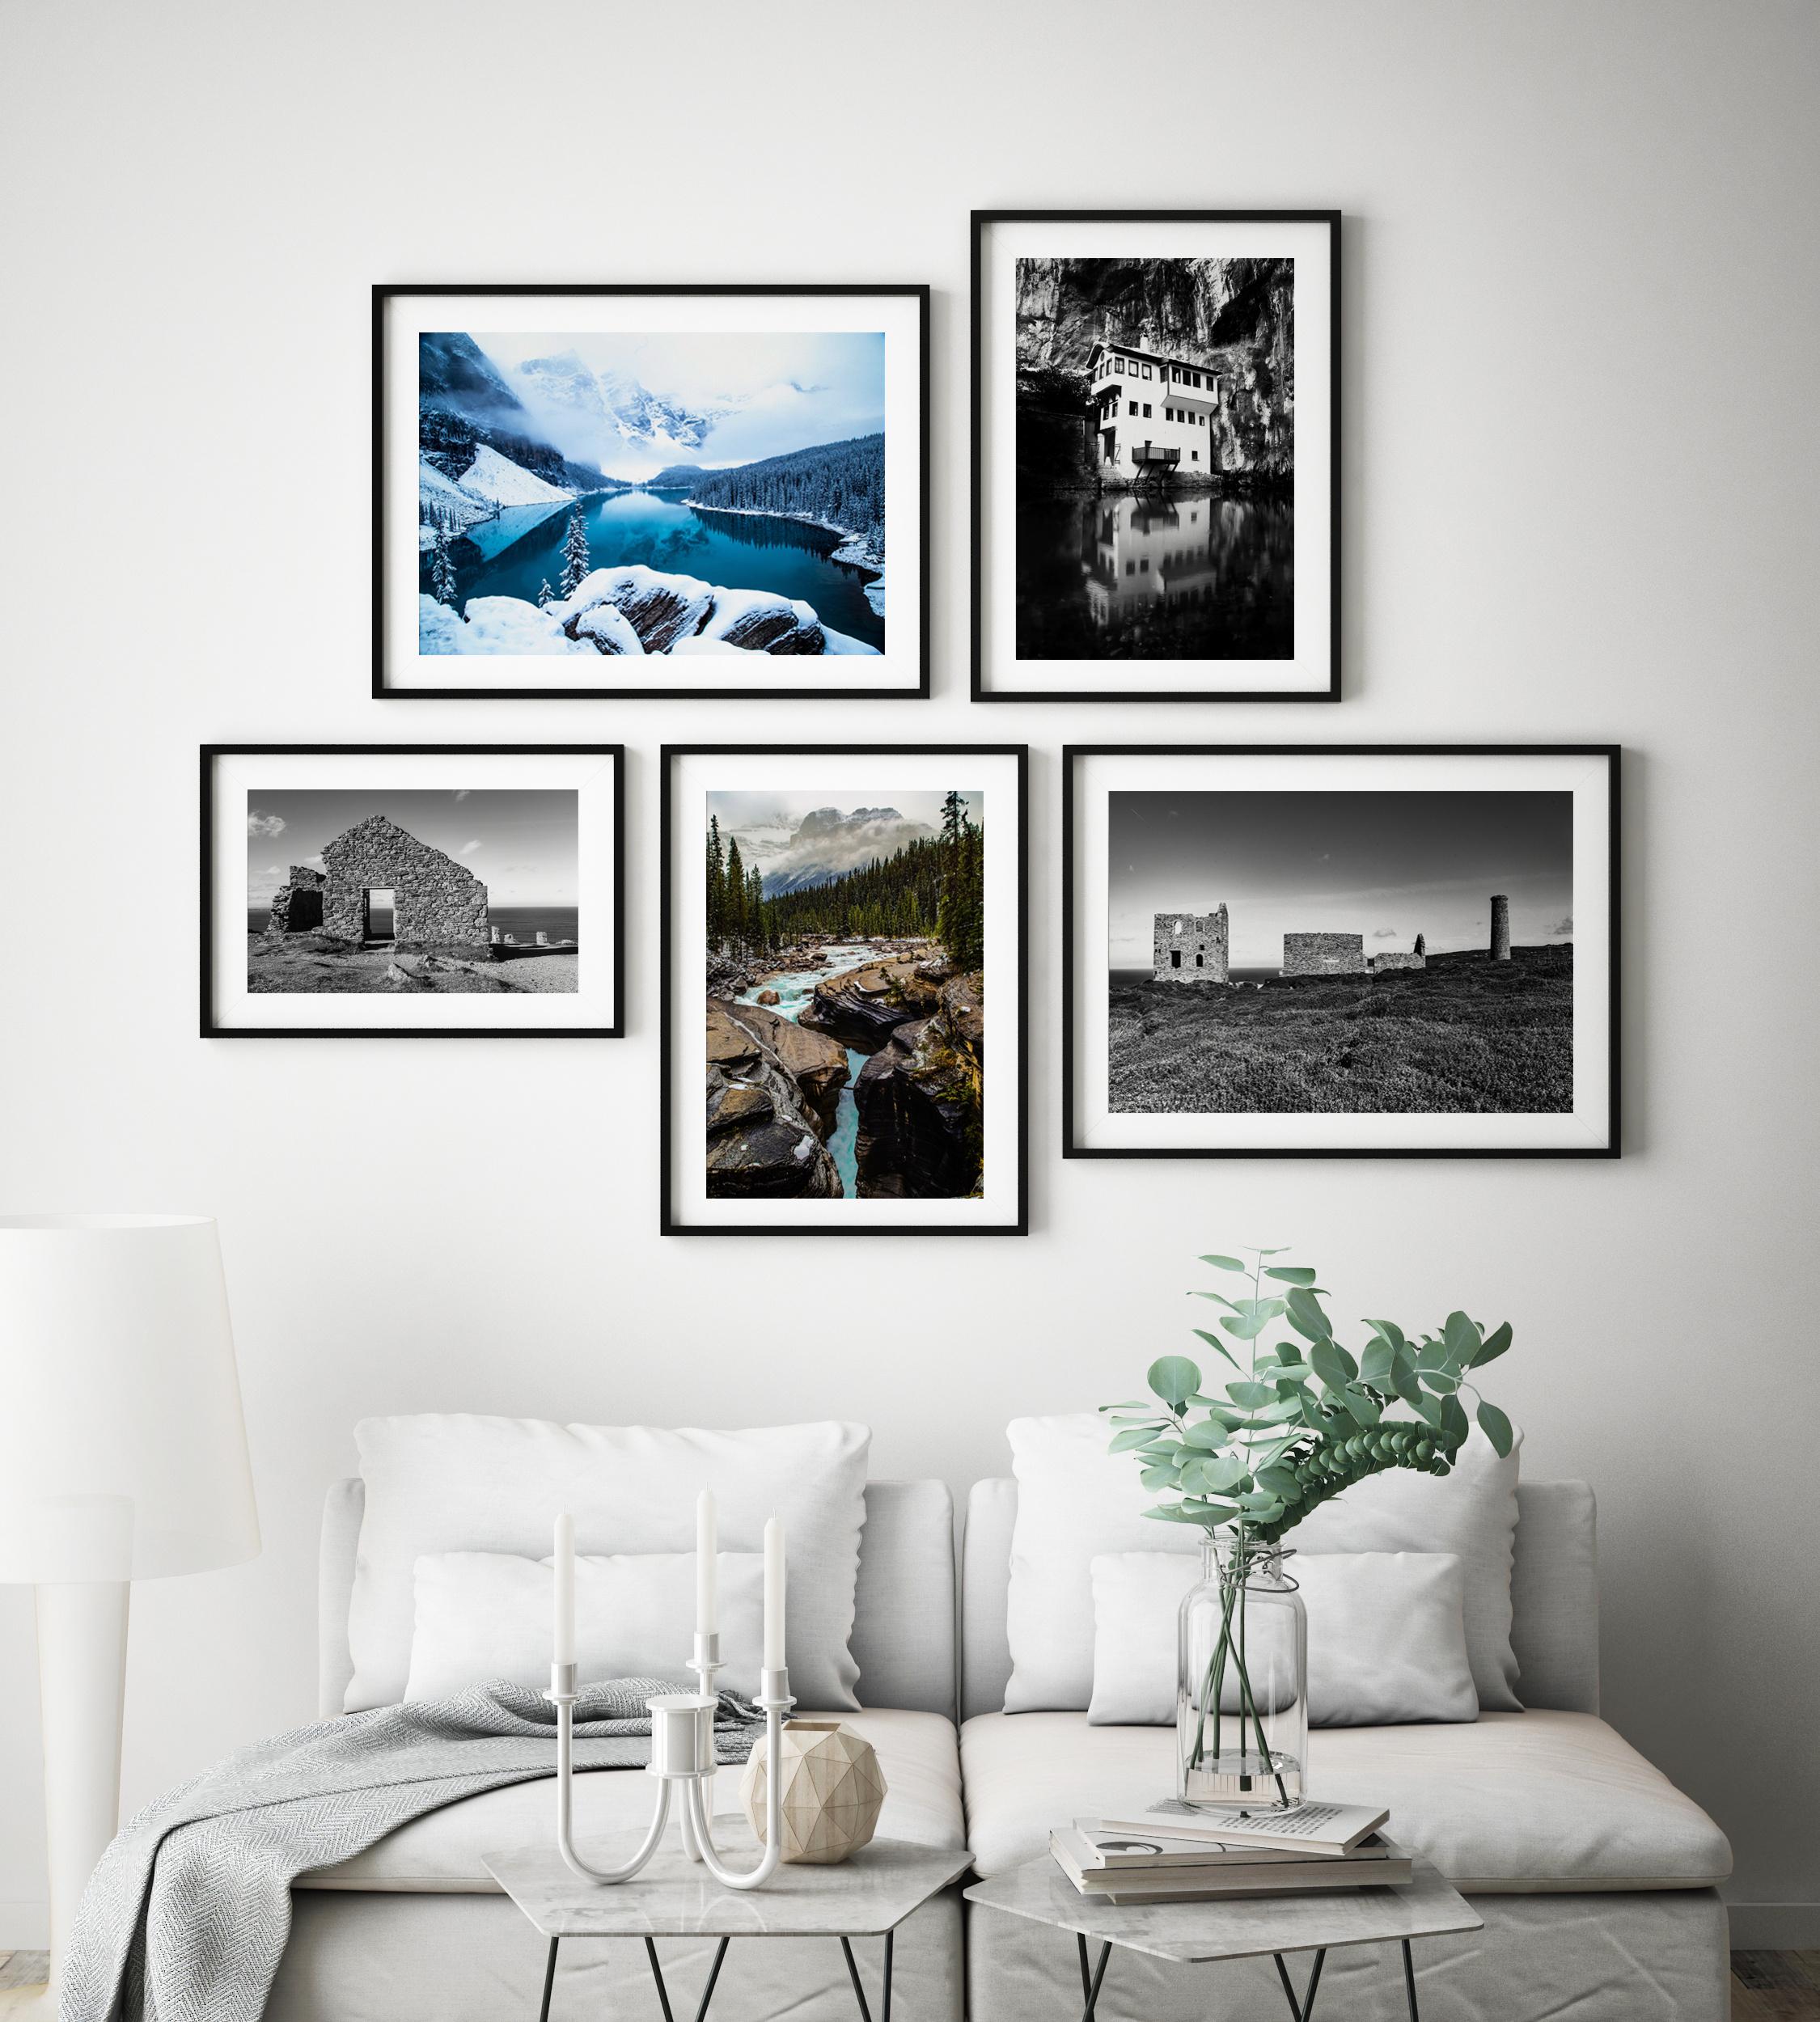 framedphotos.jpg